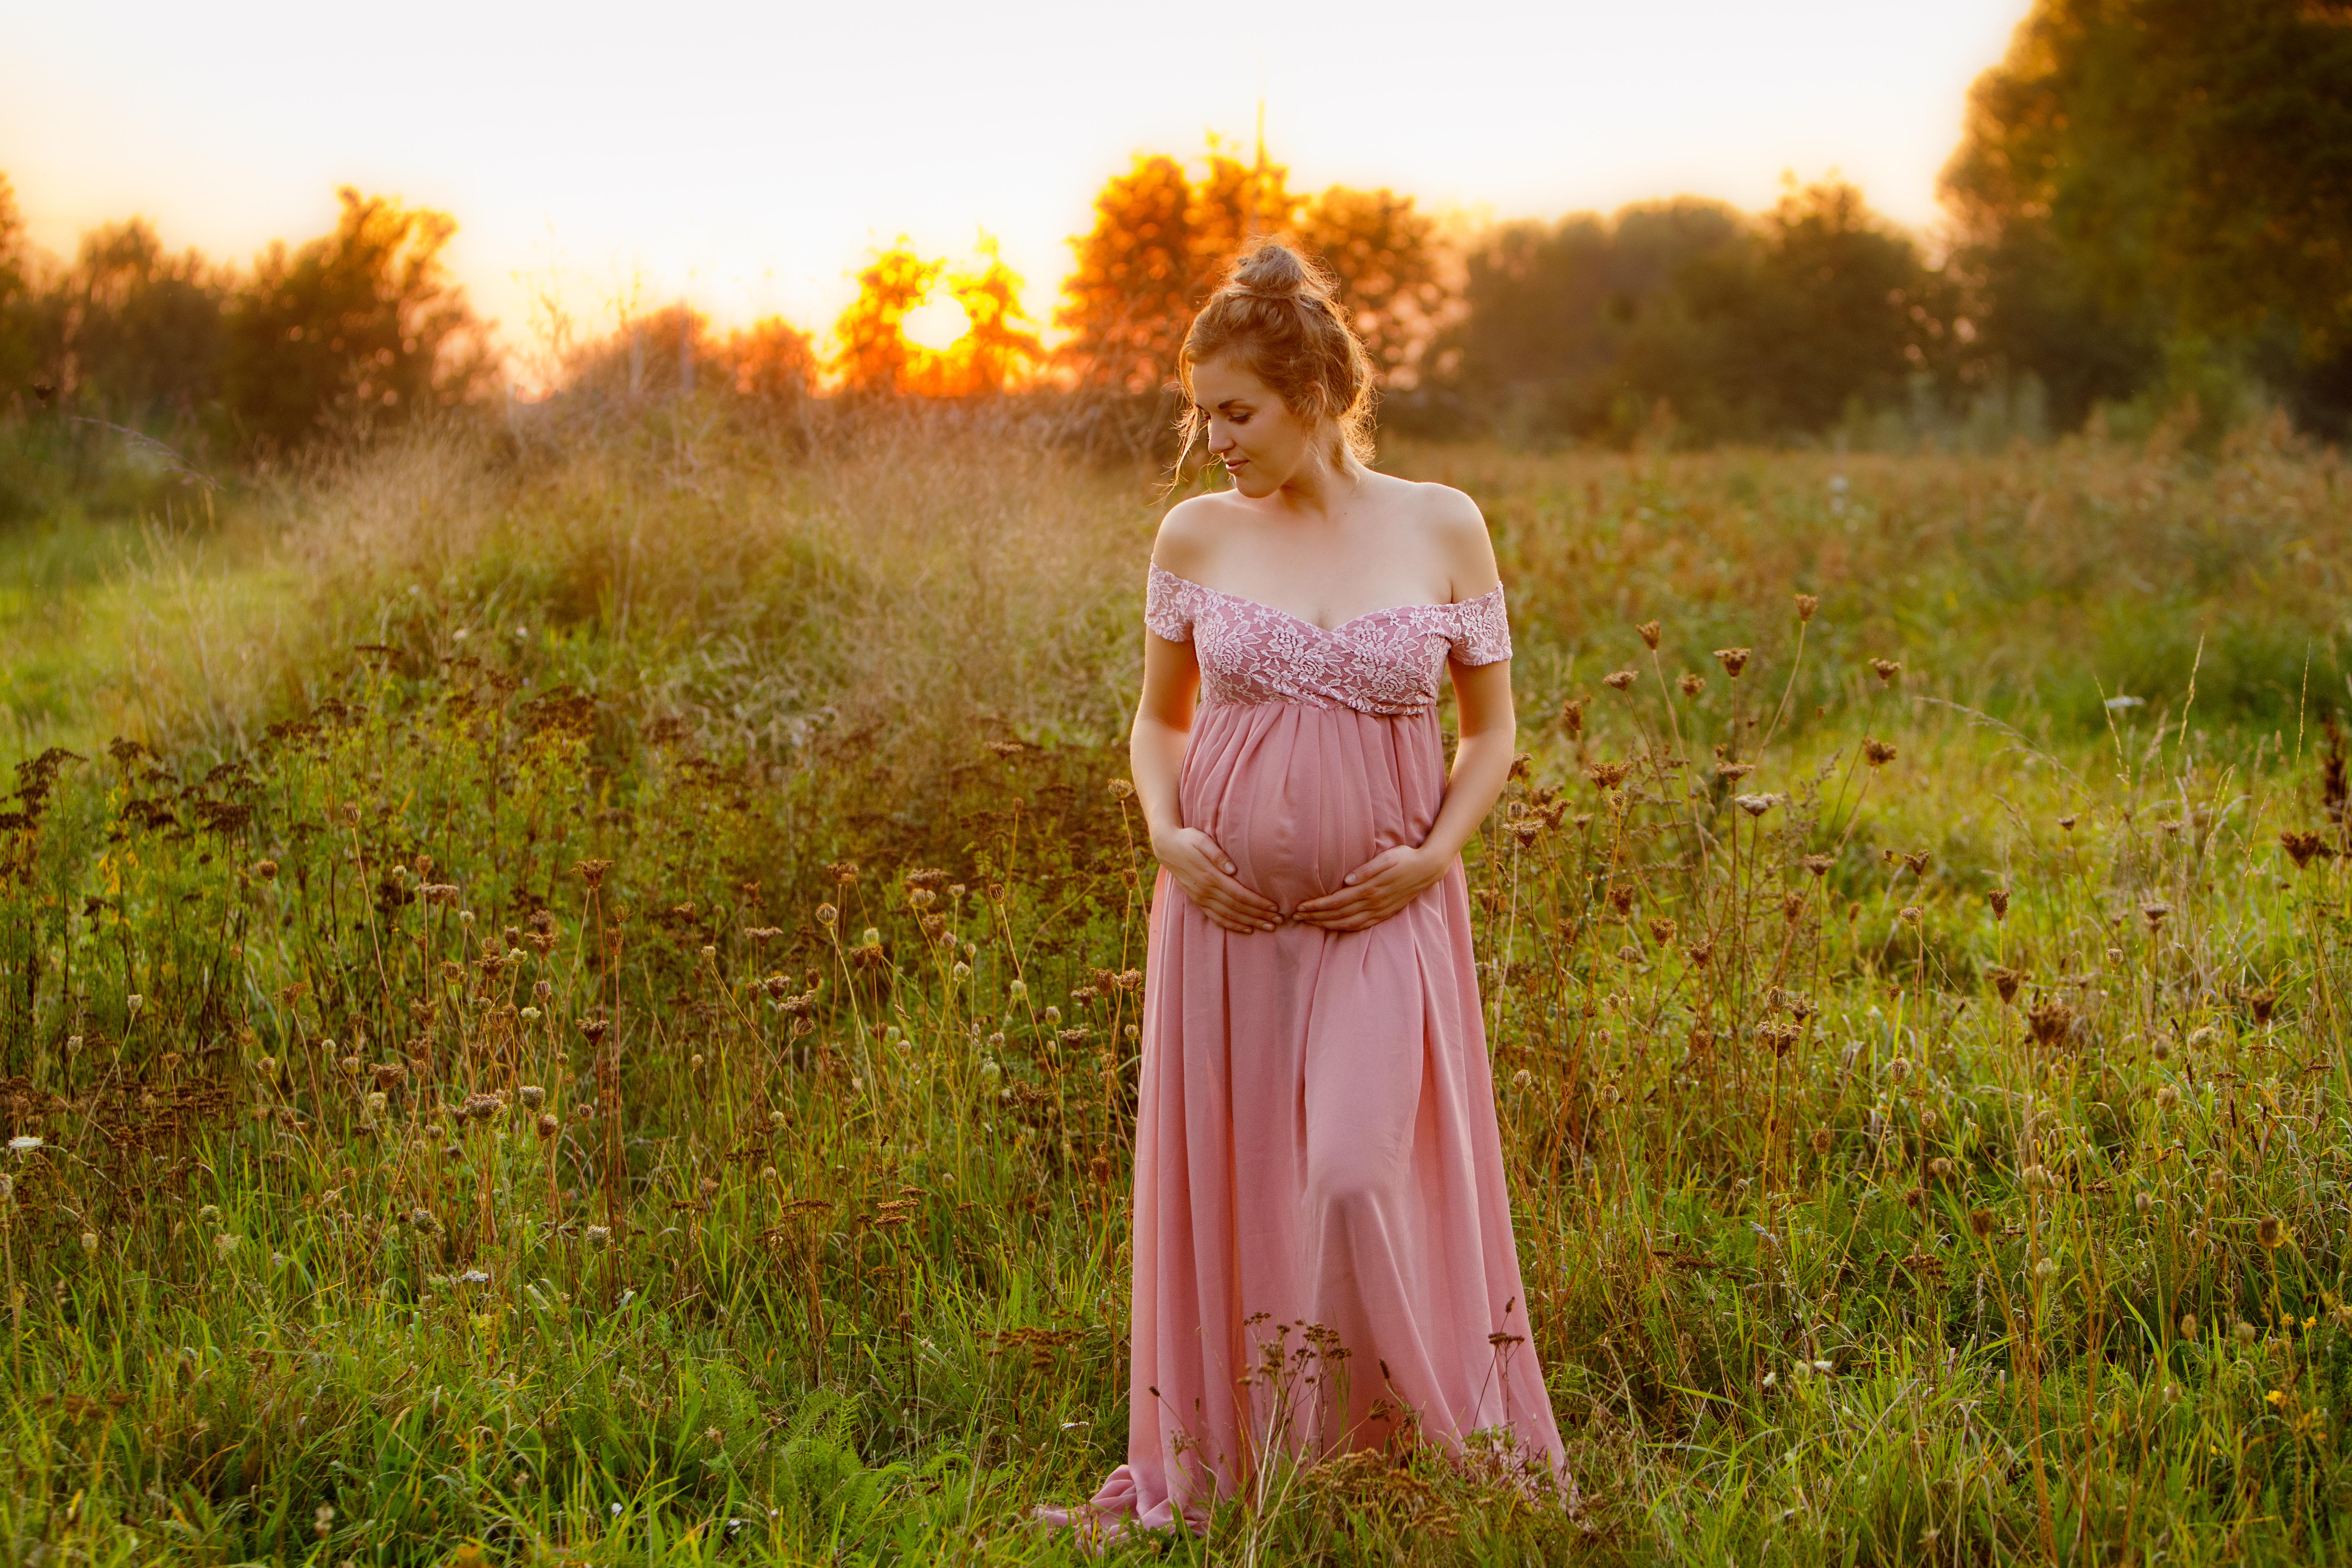 zwanger golden hour